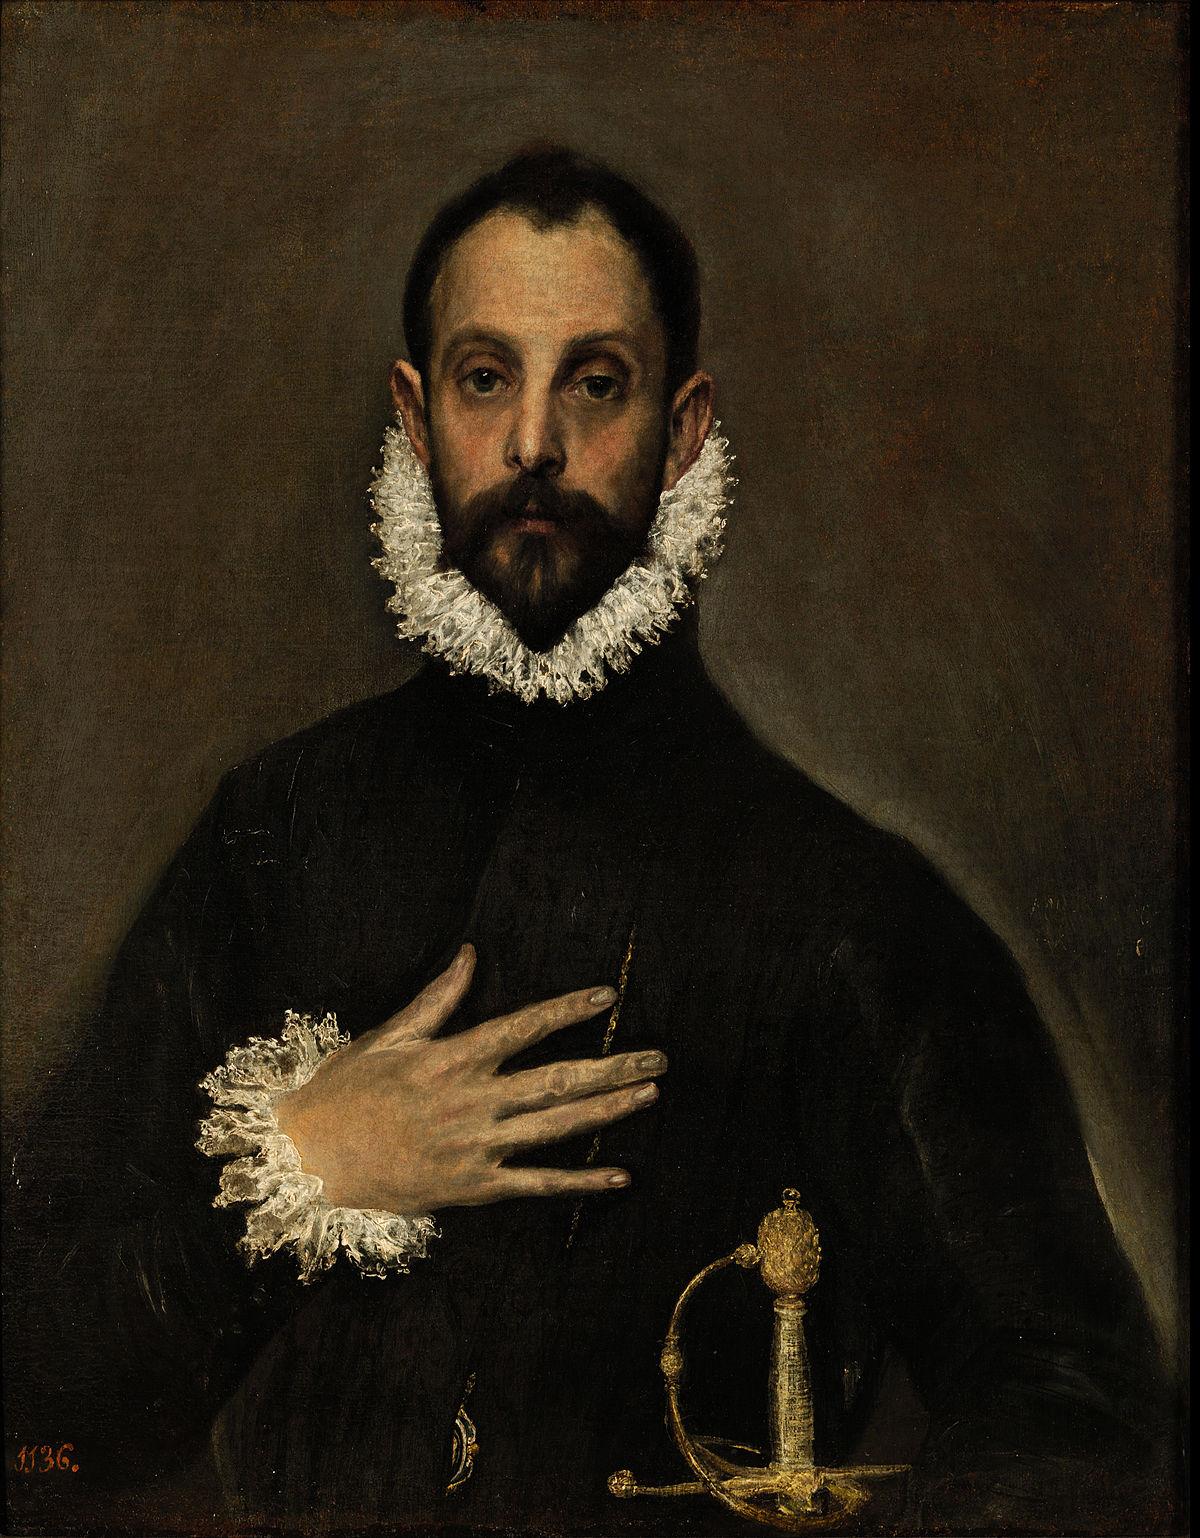 El caballero de la mano en el pecho  Wikipedia la enciclopedia libre